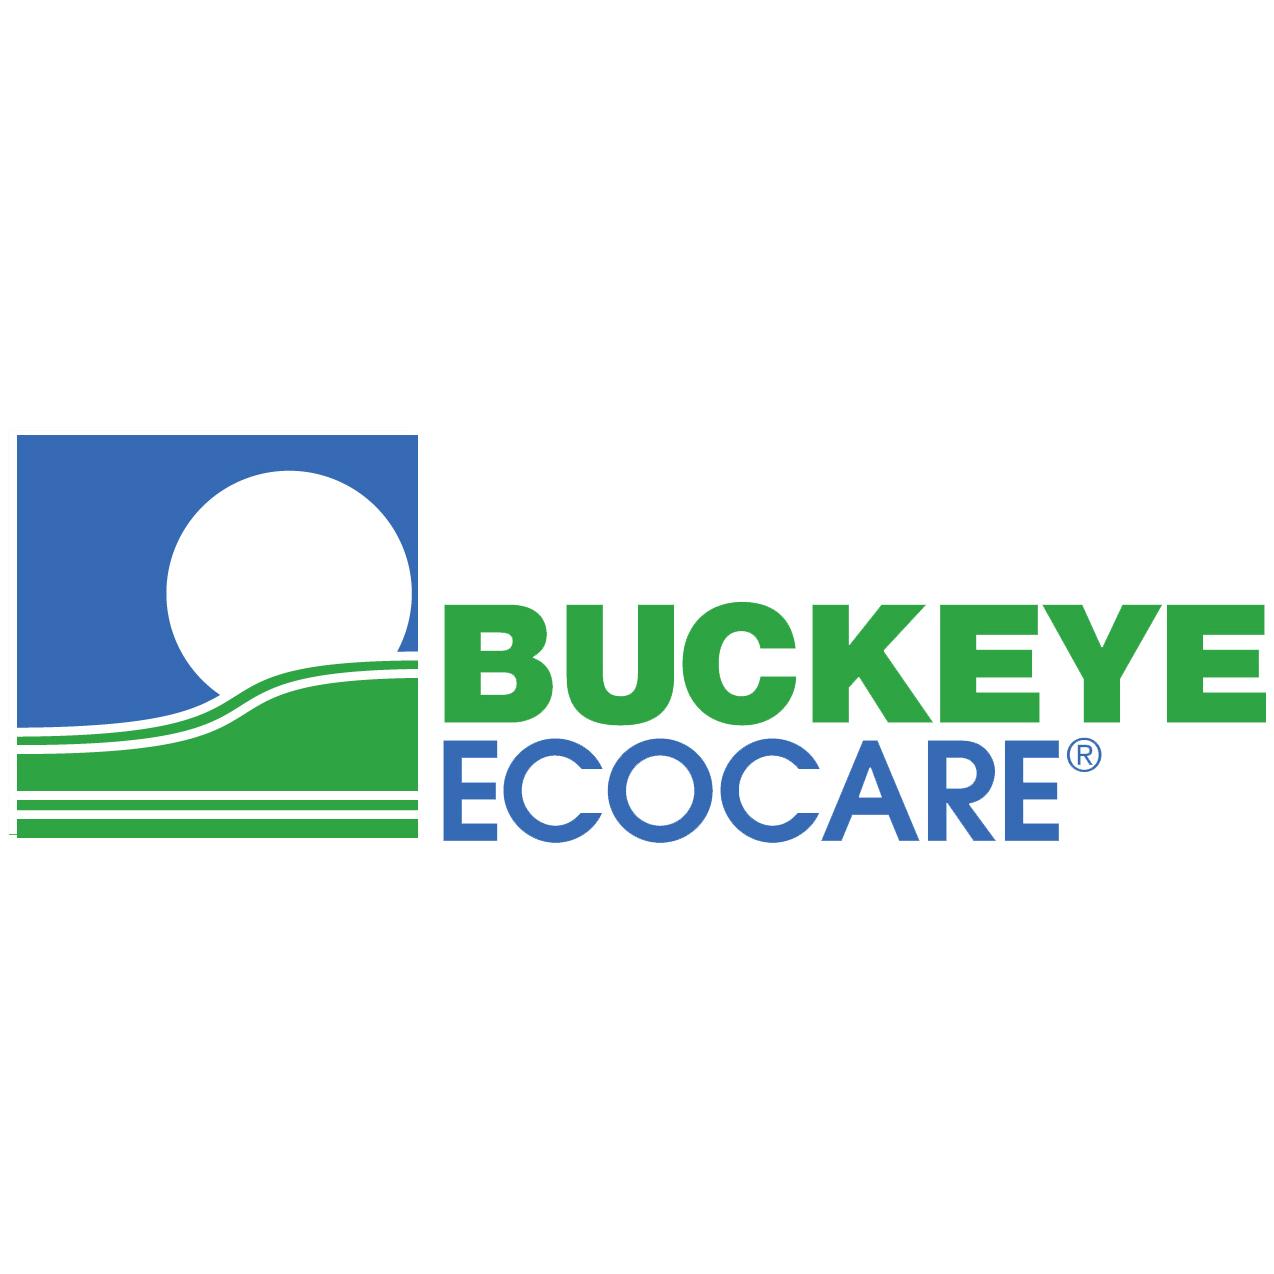 Buckeye EcoCare